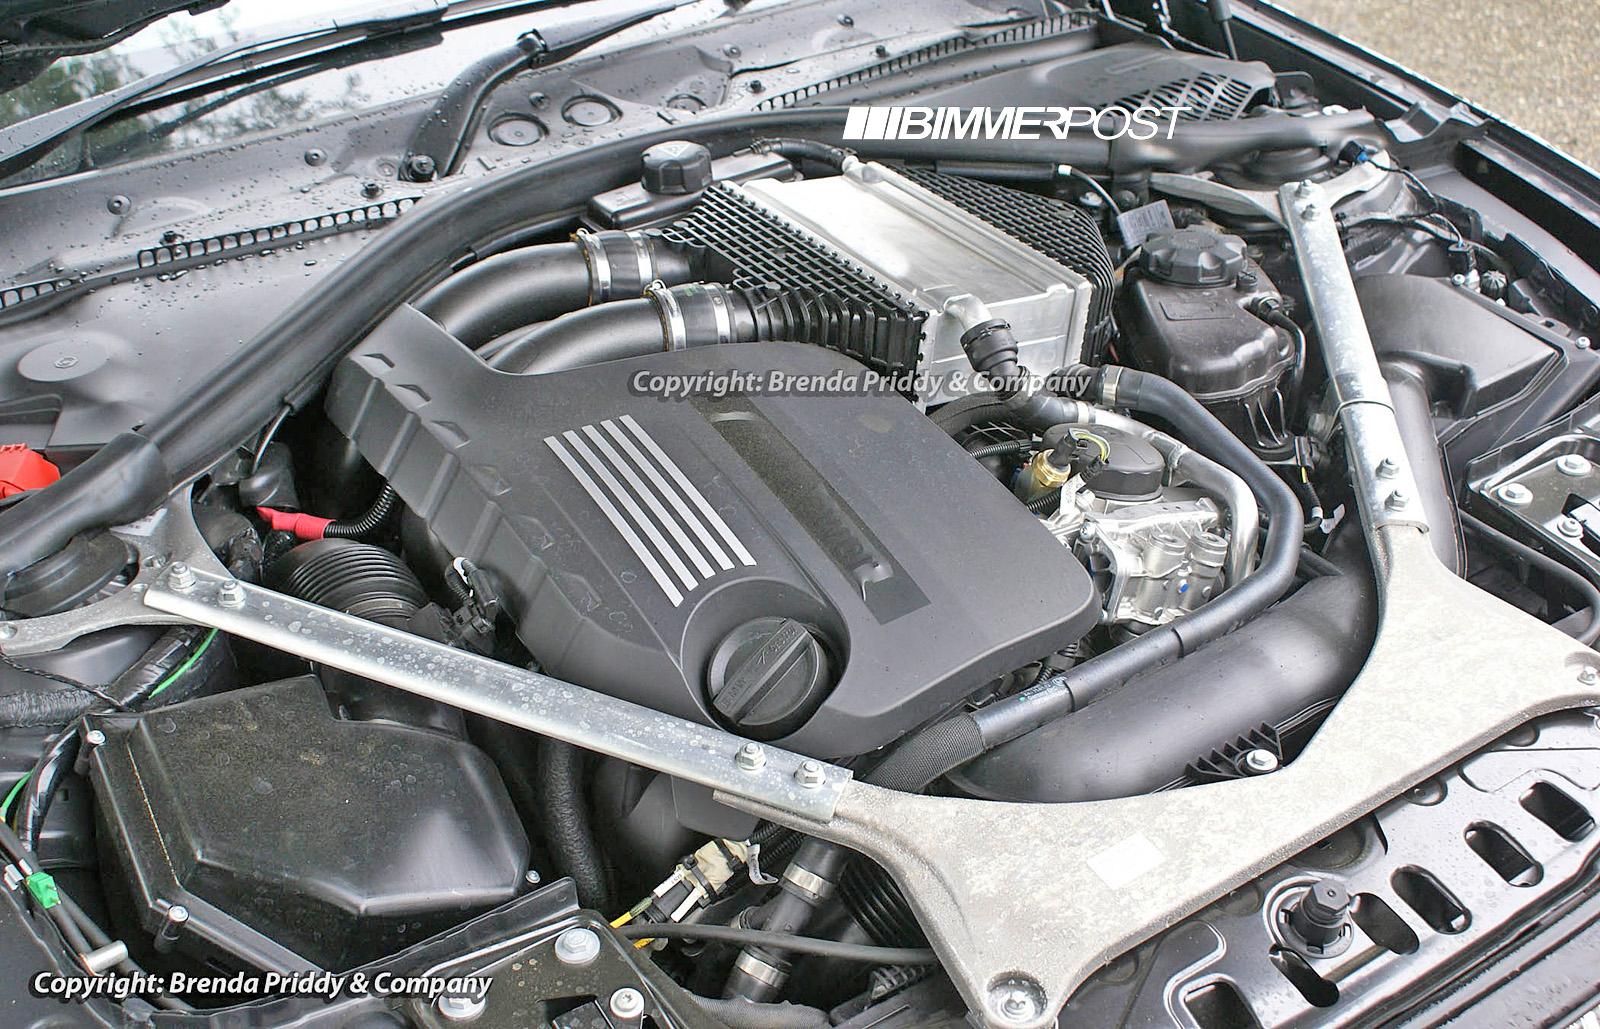 F80 F82 M3 M4 Triturbo 4er Bmw Und M4 F32 F33 F36